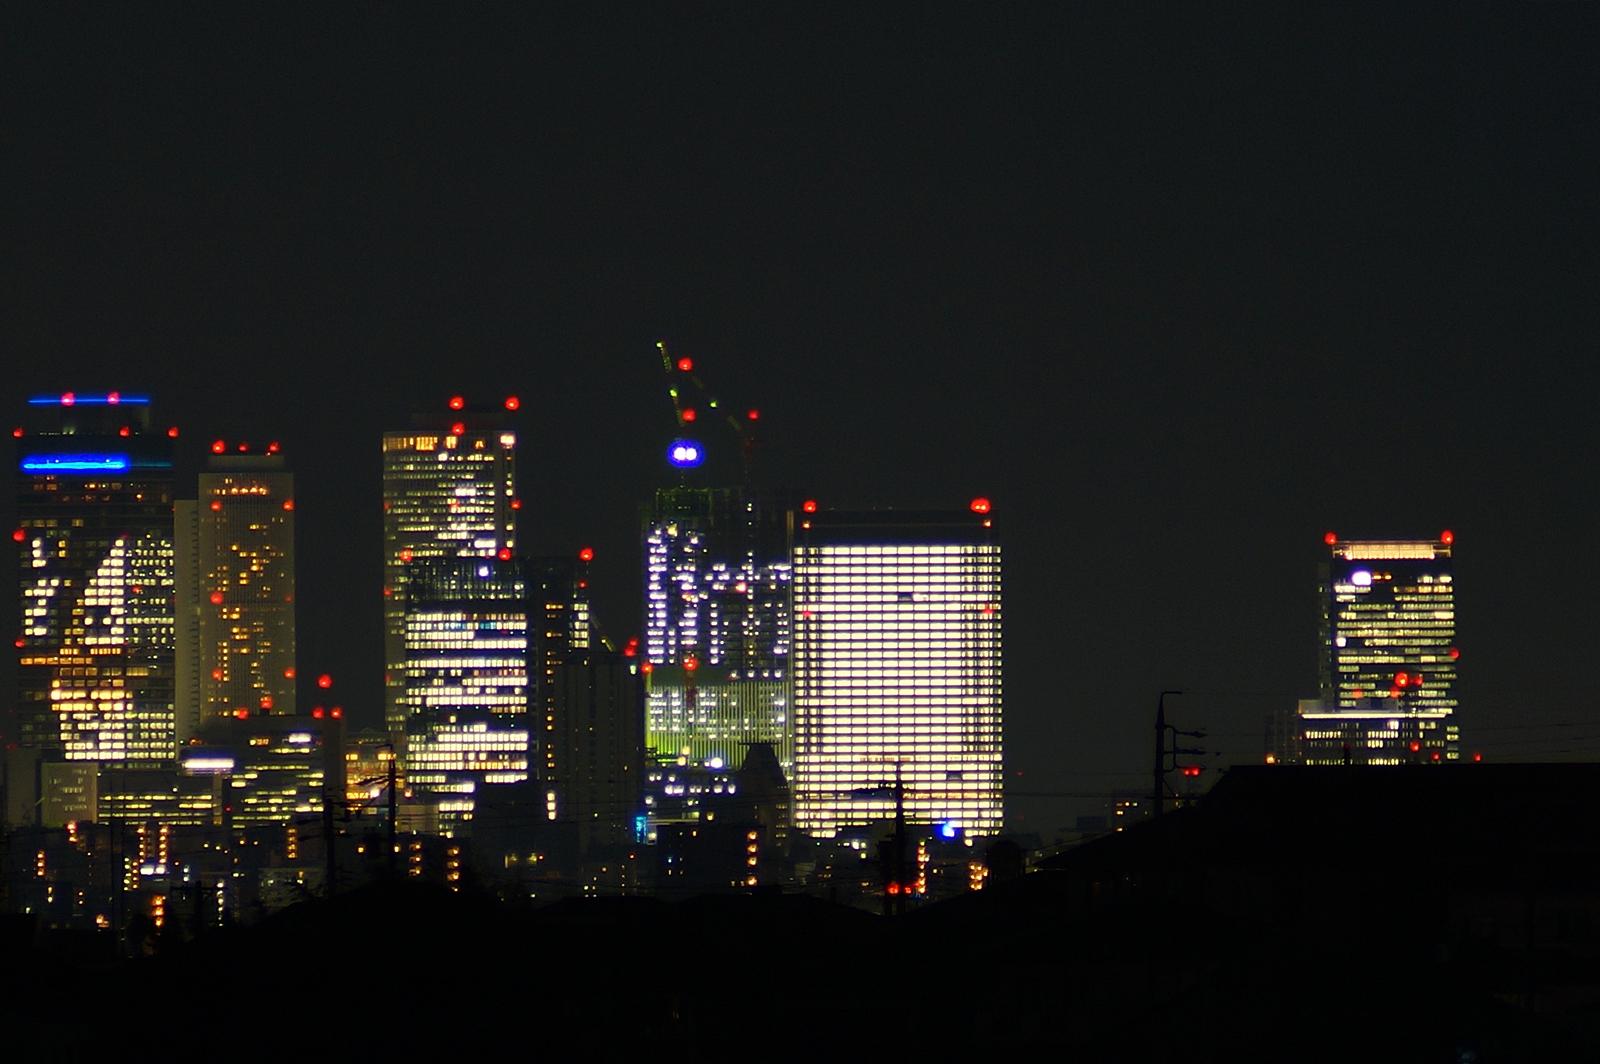 超高層ビルと風景写真のきりぼう